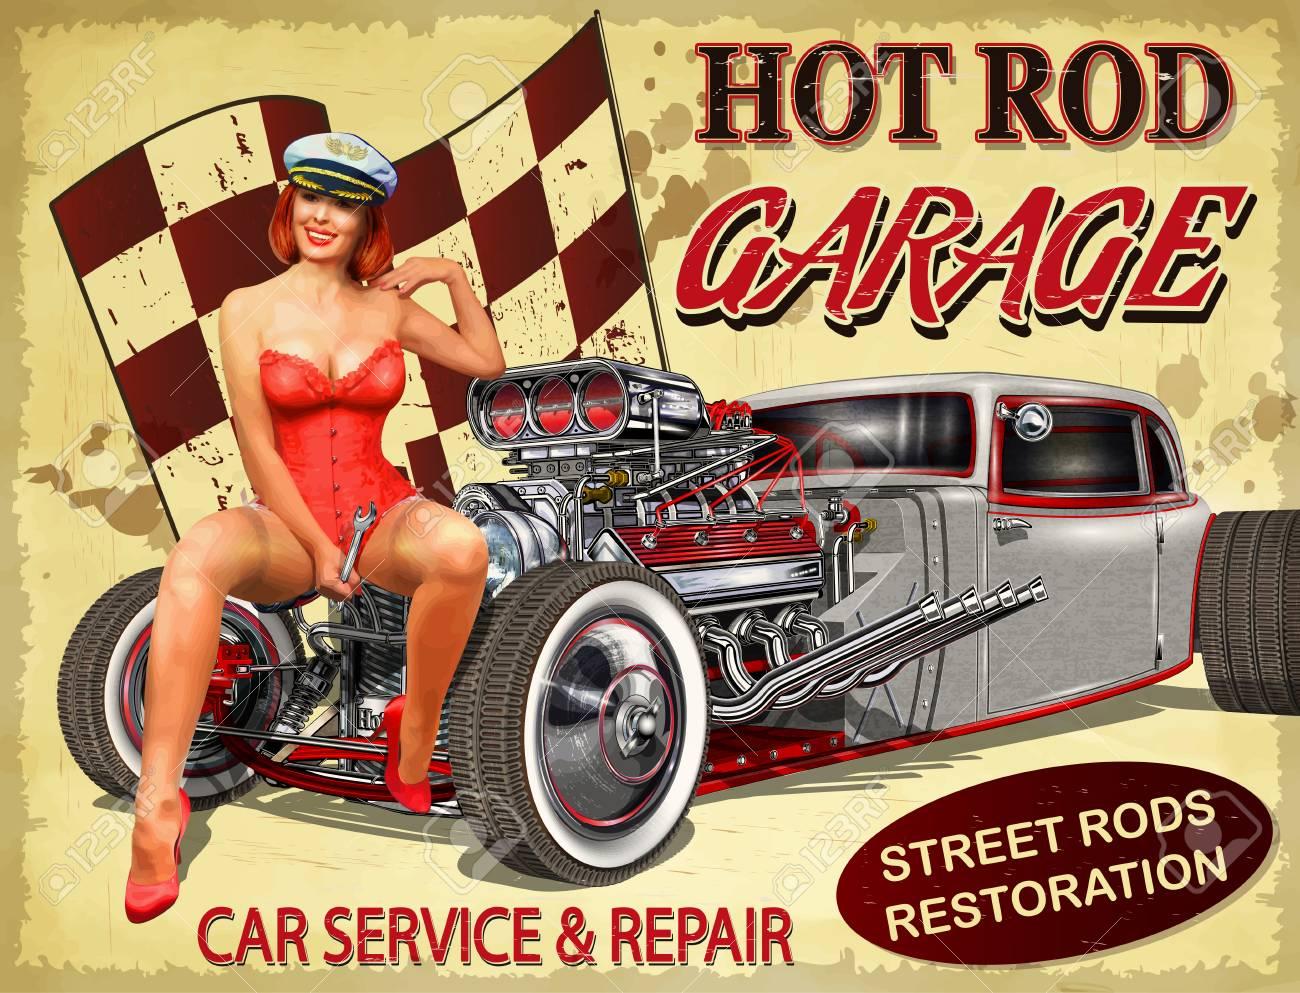 Vintage Hot Rod garage poster. - 95444950